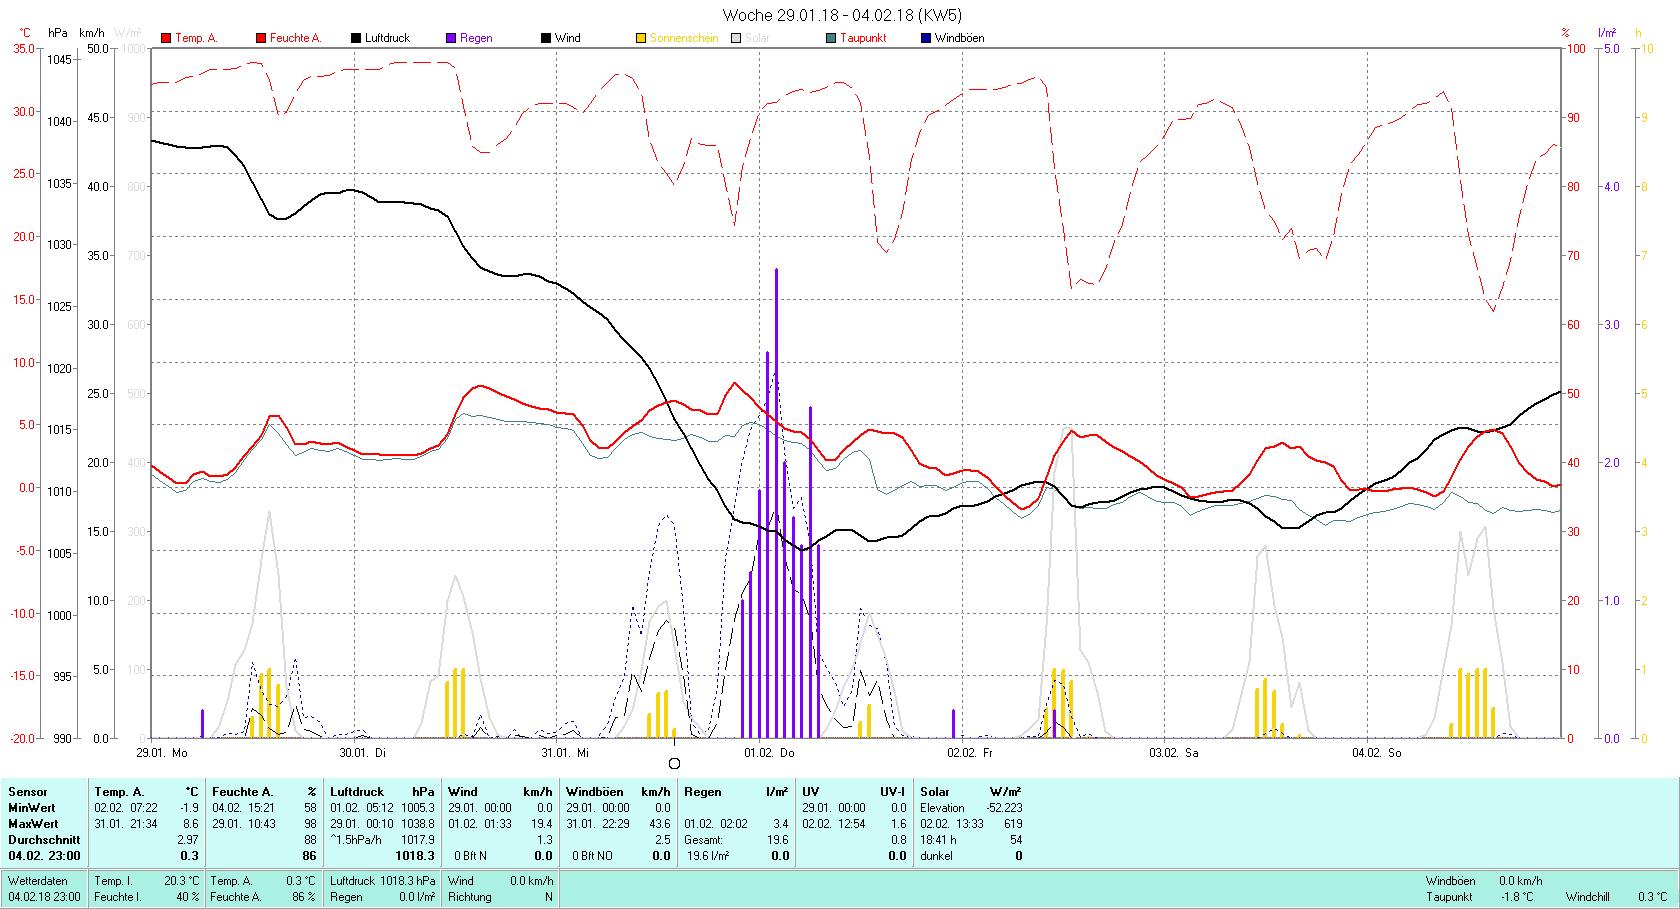 KW 05 Tmin -1.9°C, Tmax 8.6°C, Sonne 18:41 h Niederschlag 19.6 mm2